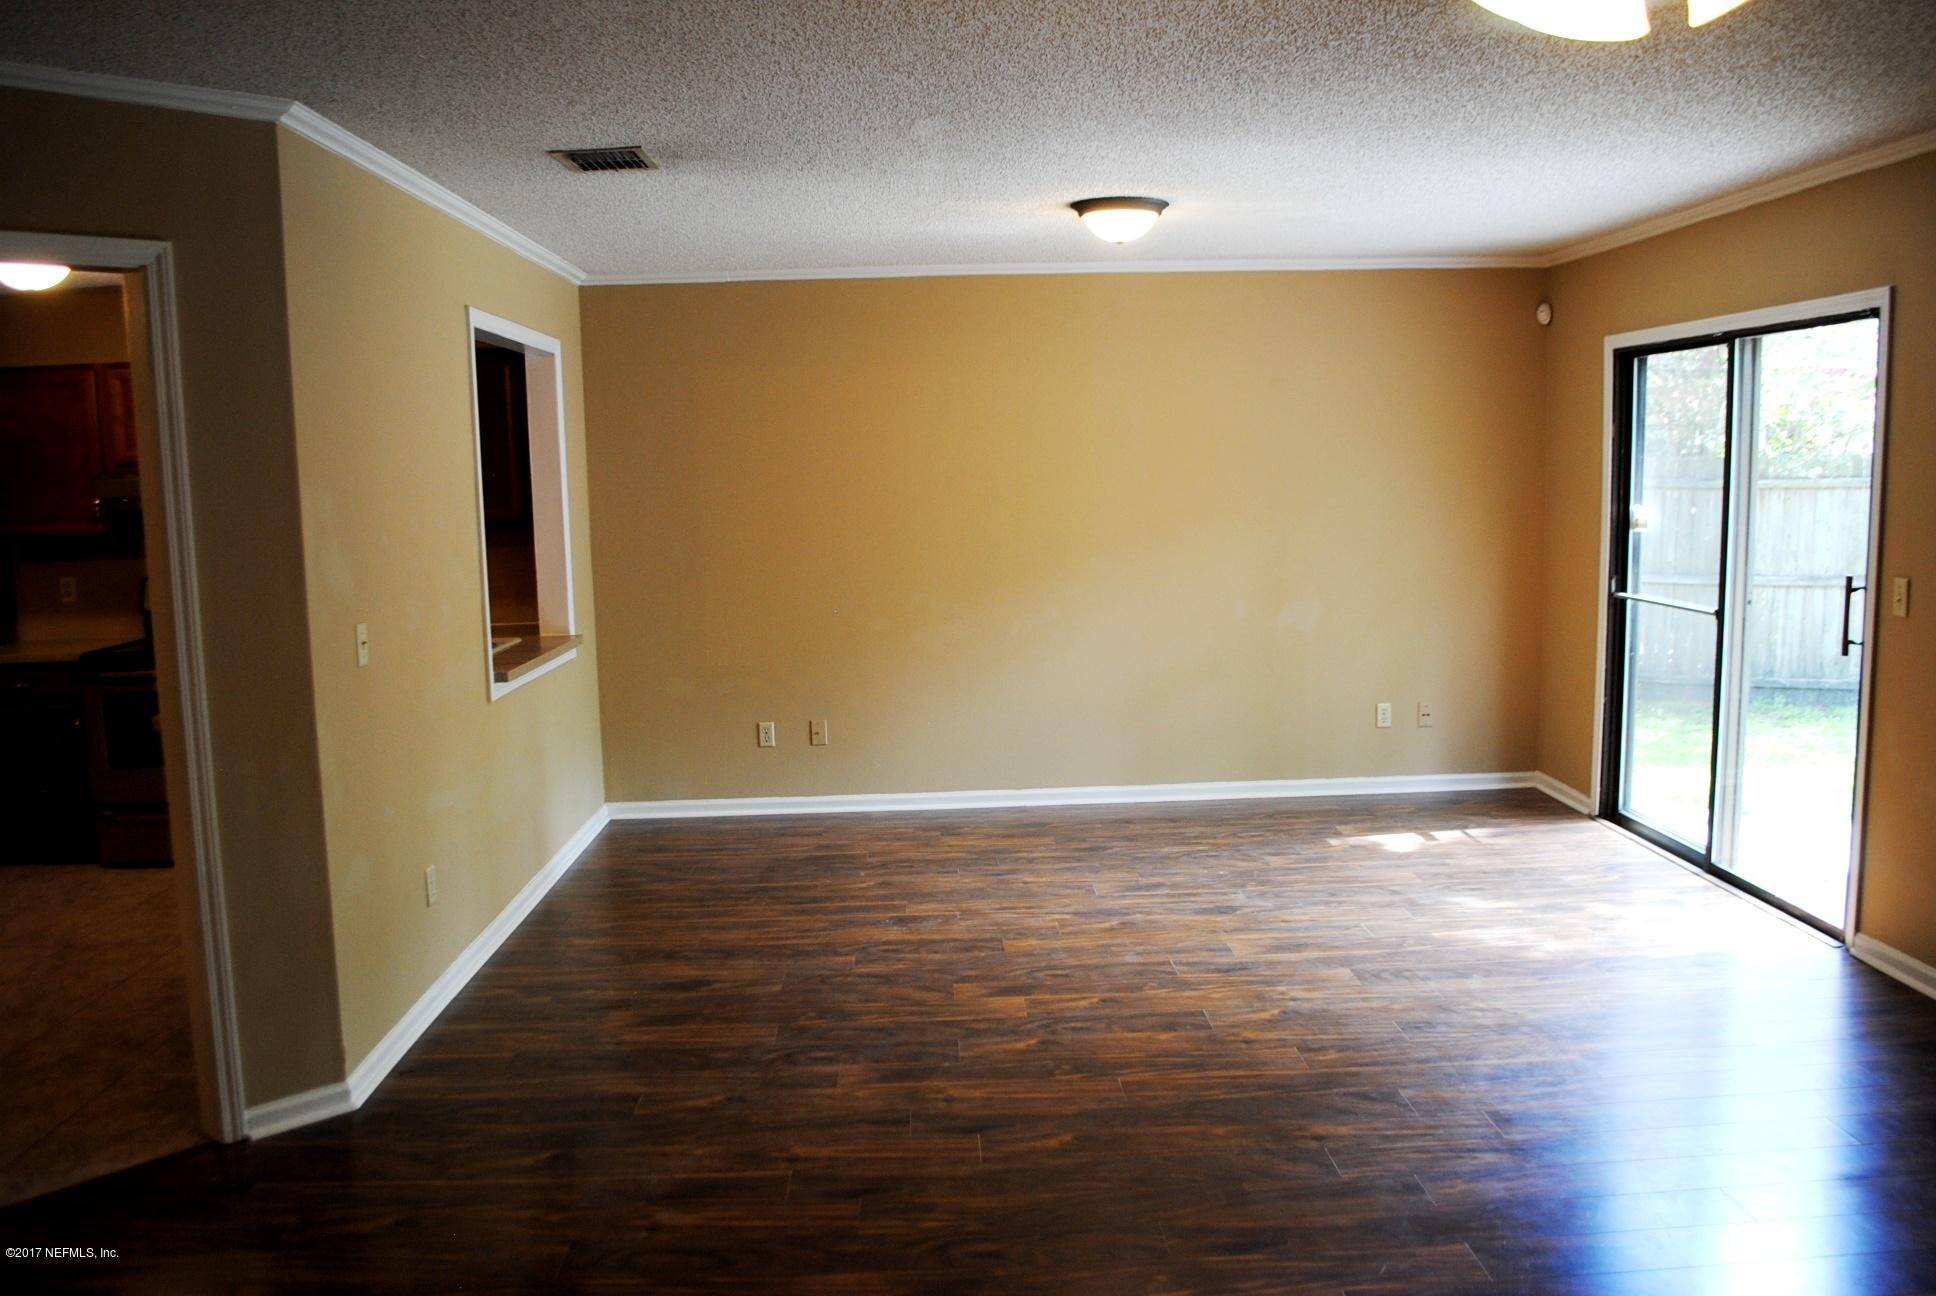 4126 HIDDEN BRANCH, JACKSONVILLE, FLORIDA 32257, 2 Bedrooms Bedrooms, ,2 BathroomsBathrooms,Rental,For Rent,HIDDEN BRANCH,1081990